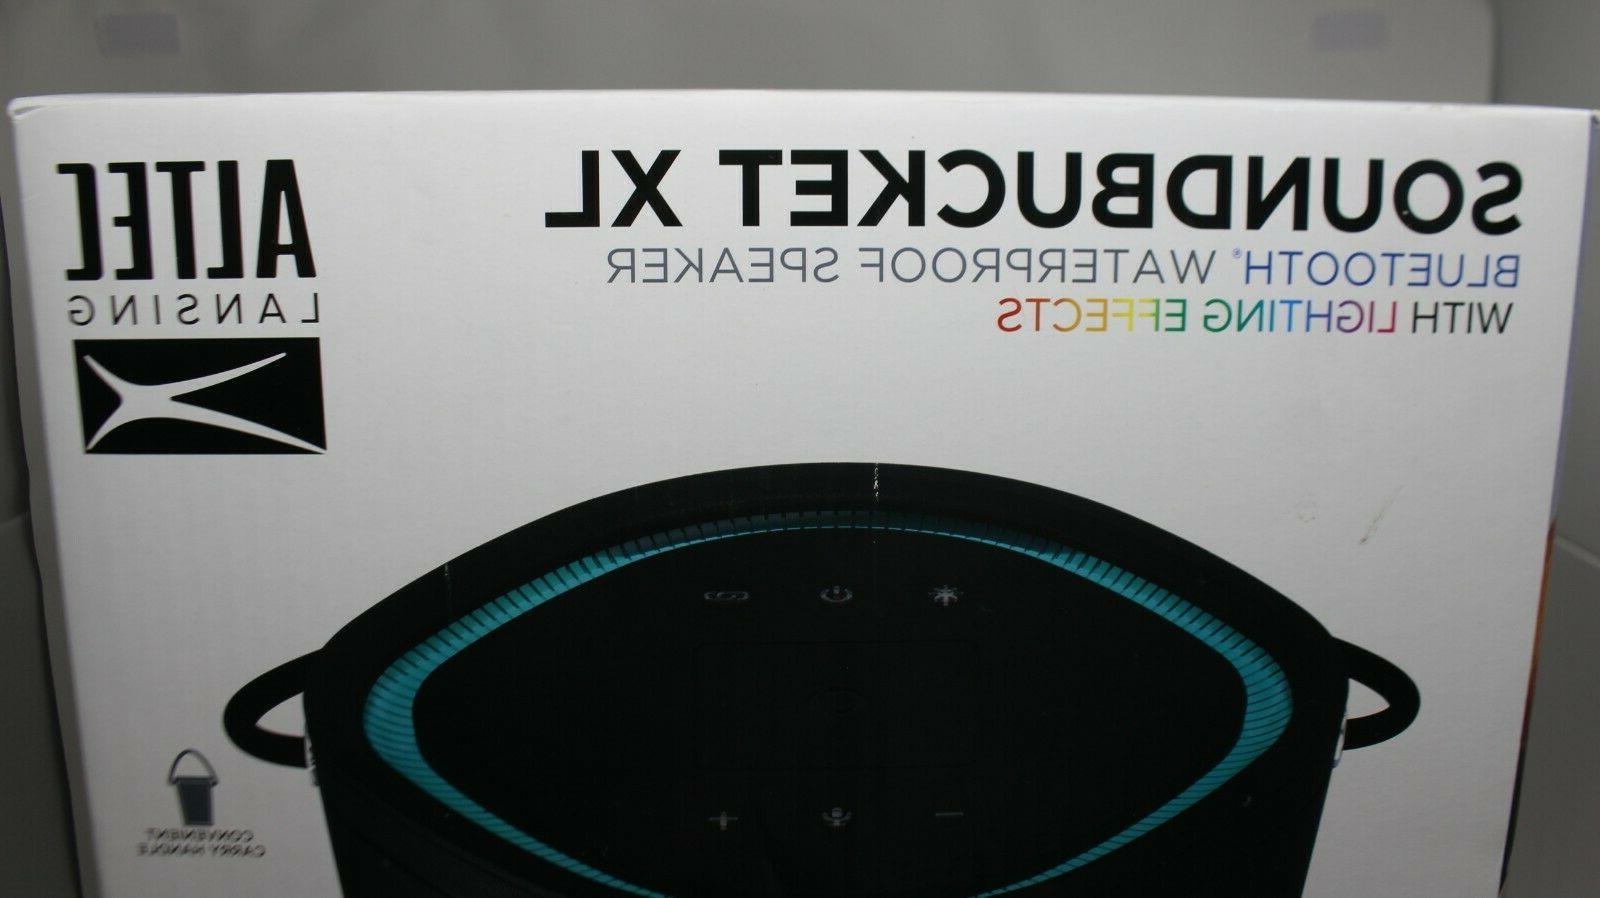 Lansing Bluetooth Waterproof Lighting